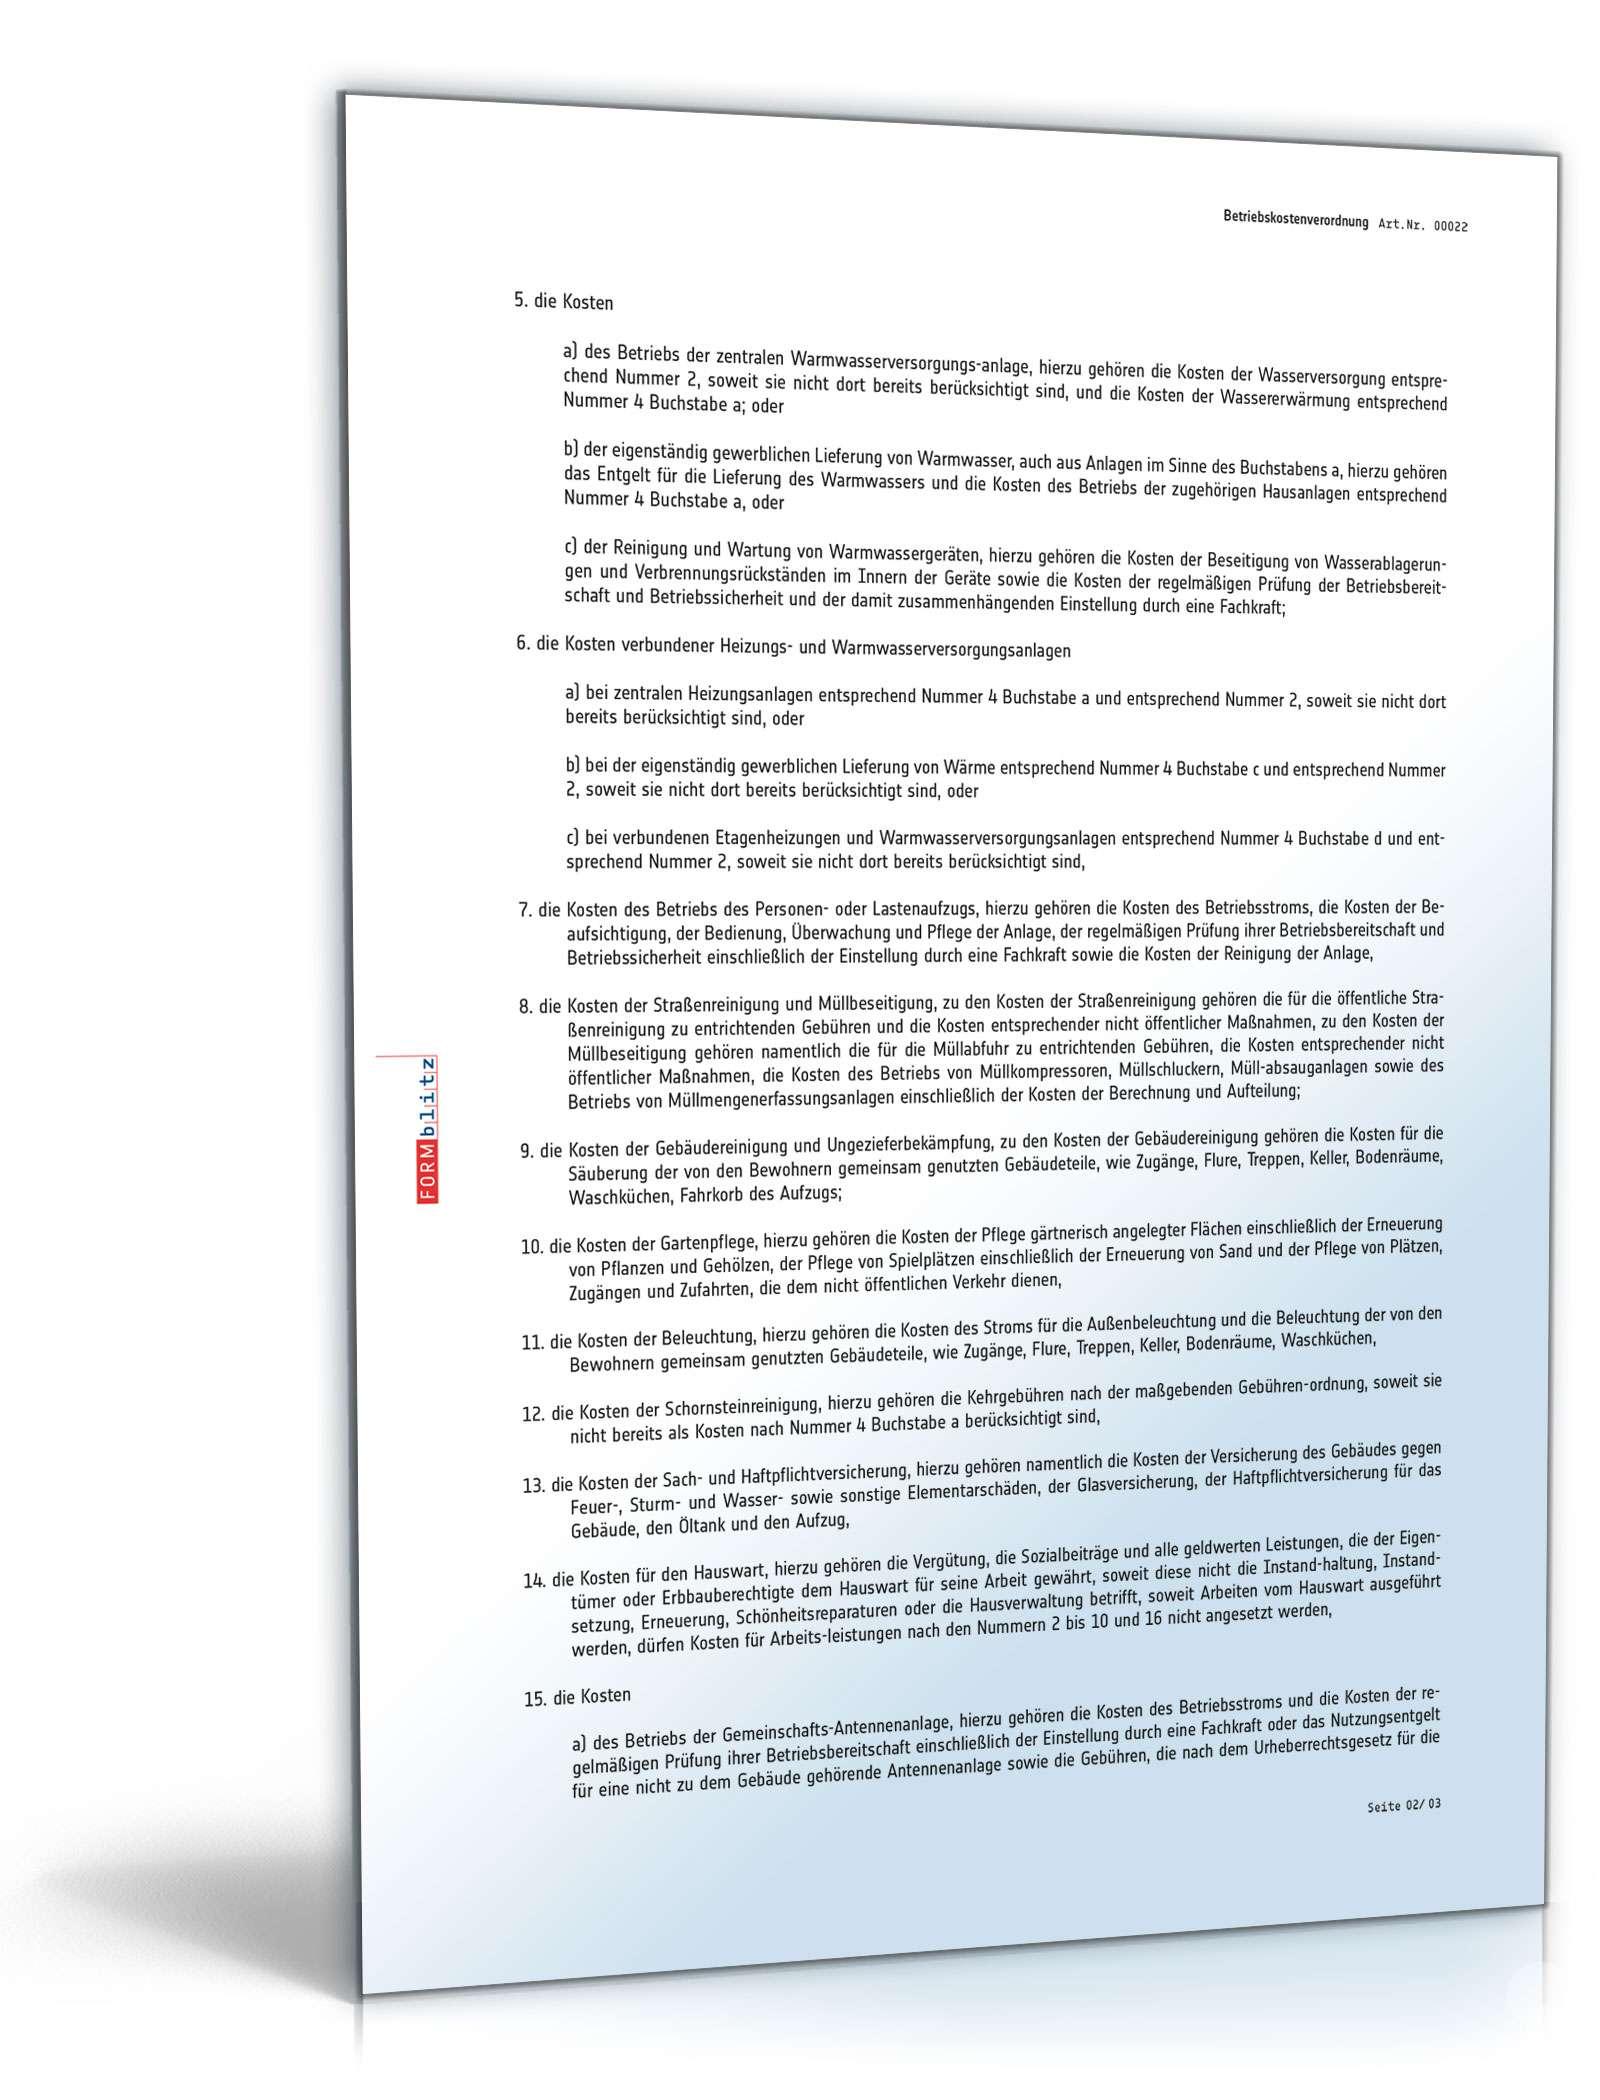 Wenn Sie als Mieter eine Wohnung kündigen wollen, müssen Sie einige punkte beachten. Wir geben Ihnen Tipps zur Kündigung des Mietvertrags und bieten eine kostenlose Word-Vorlage (Kündigung Wohnung) zum Download an.